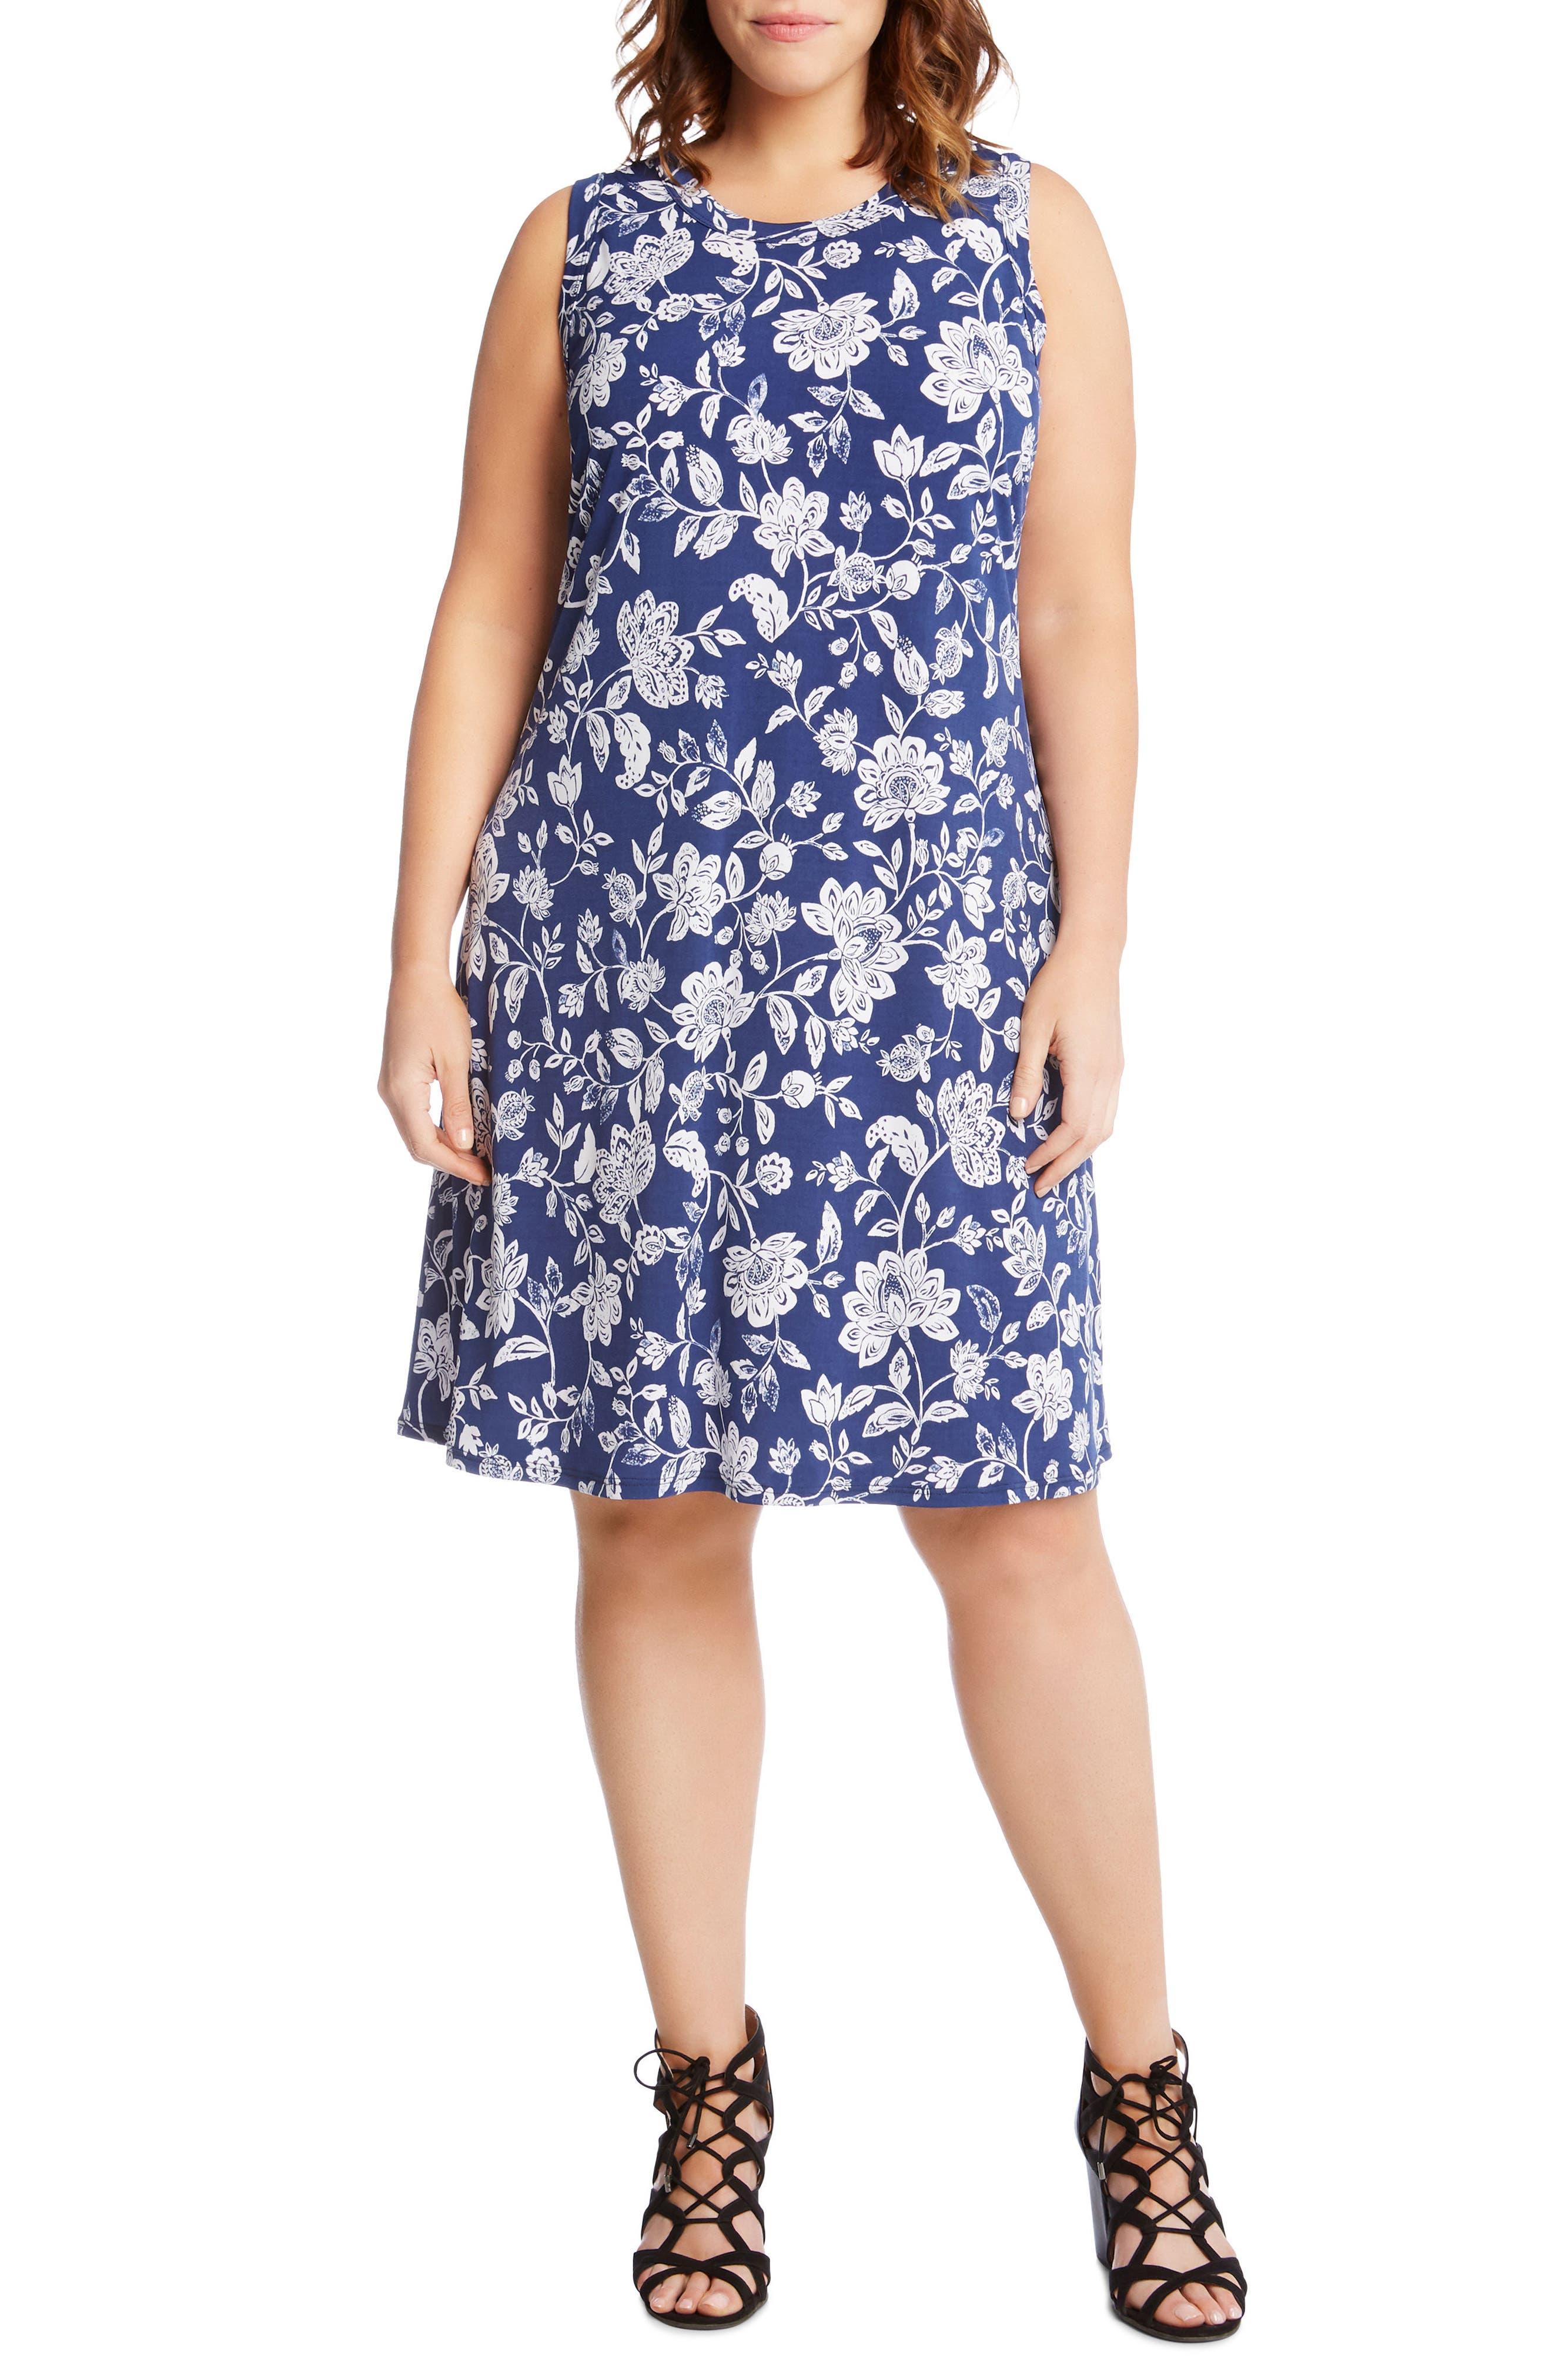 Karen Kane Floral Sleeveless Dress (Plus Size)